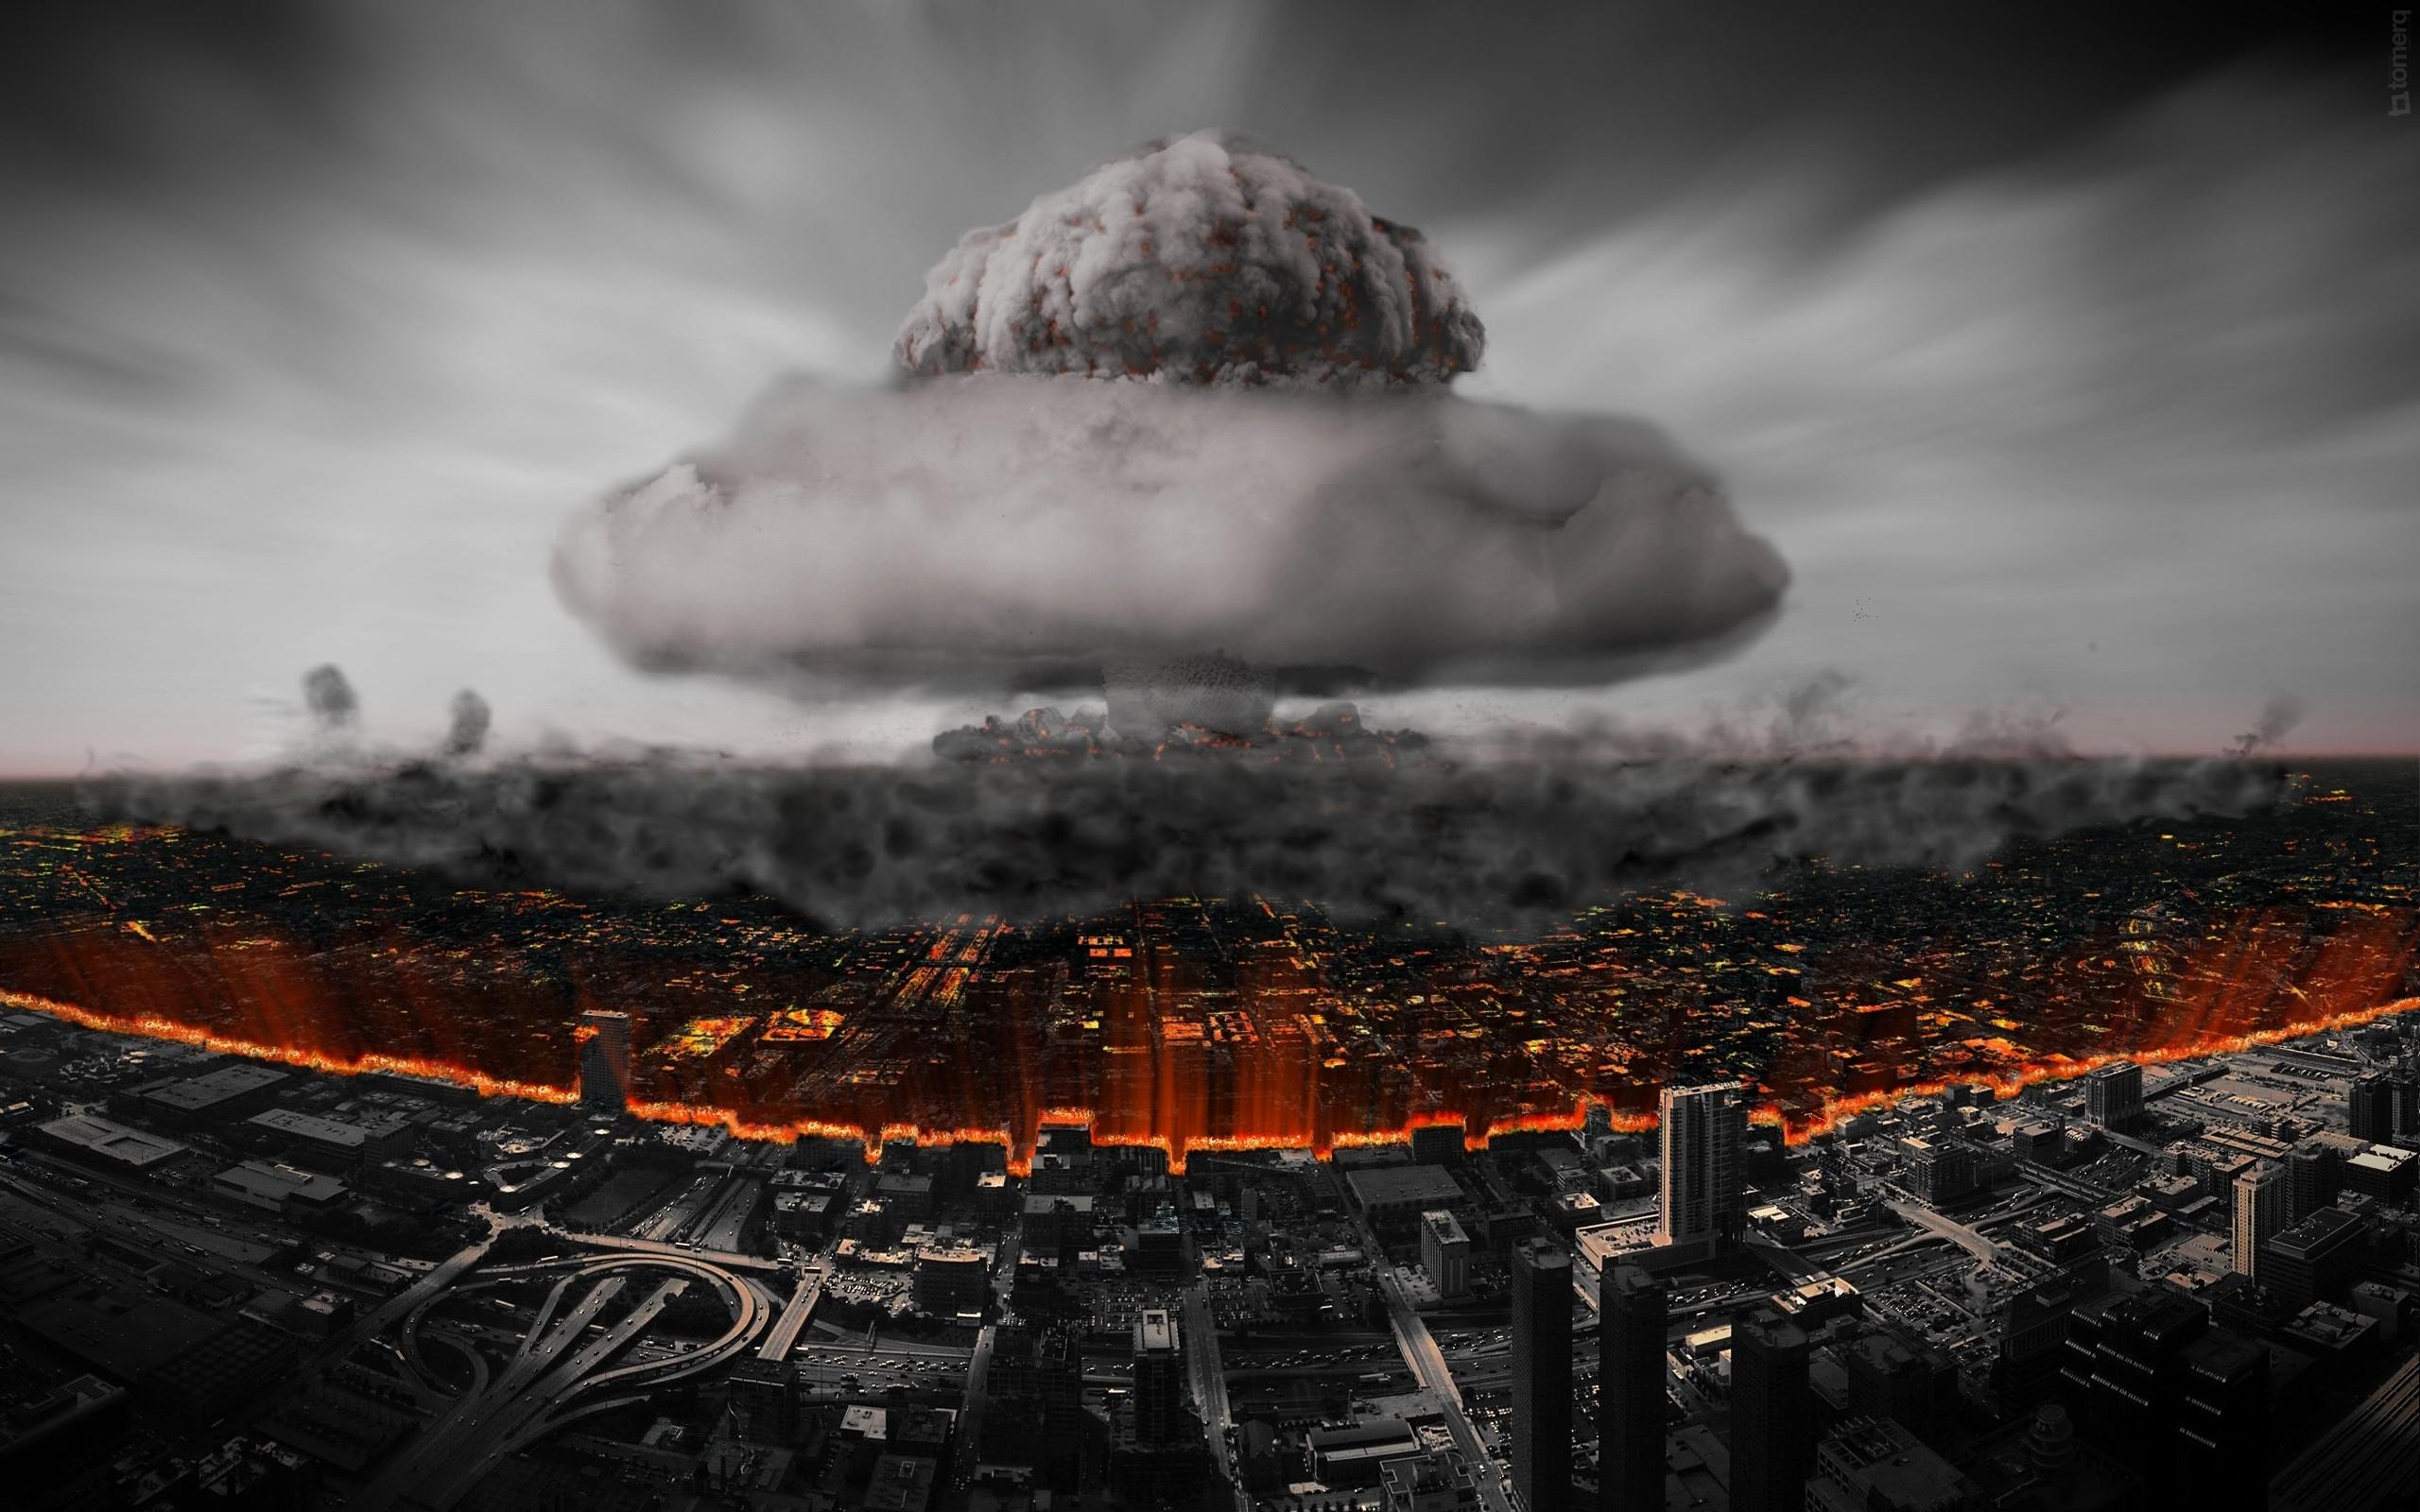 apocalyptique full hd fond d'écran and arrière-plan | 2560x1600 | id